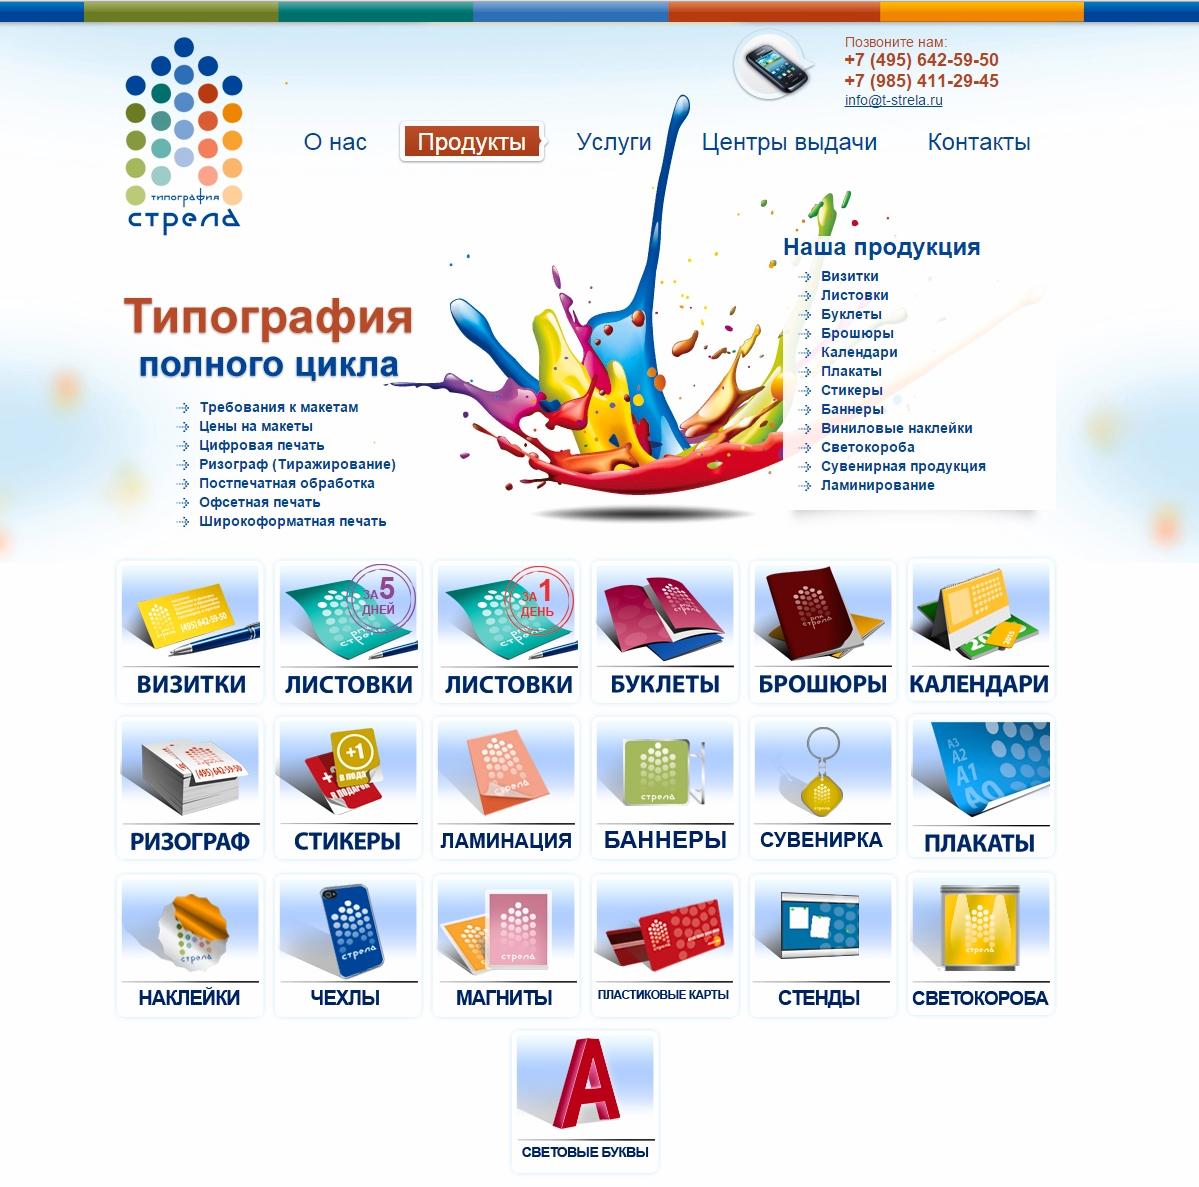 Дизайн иконок для типографии.